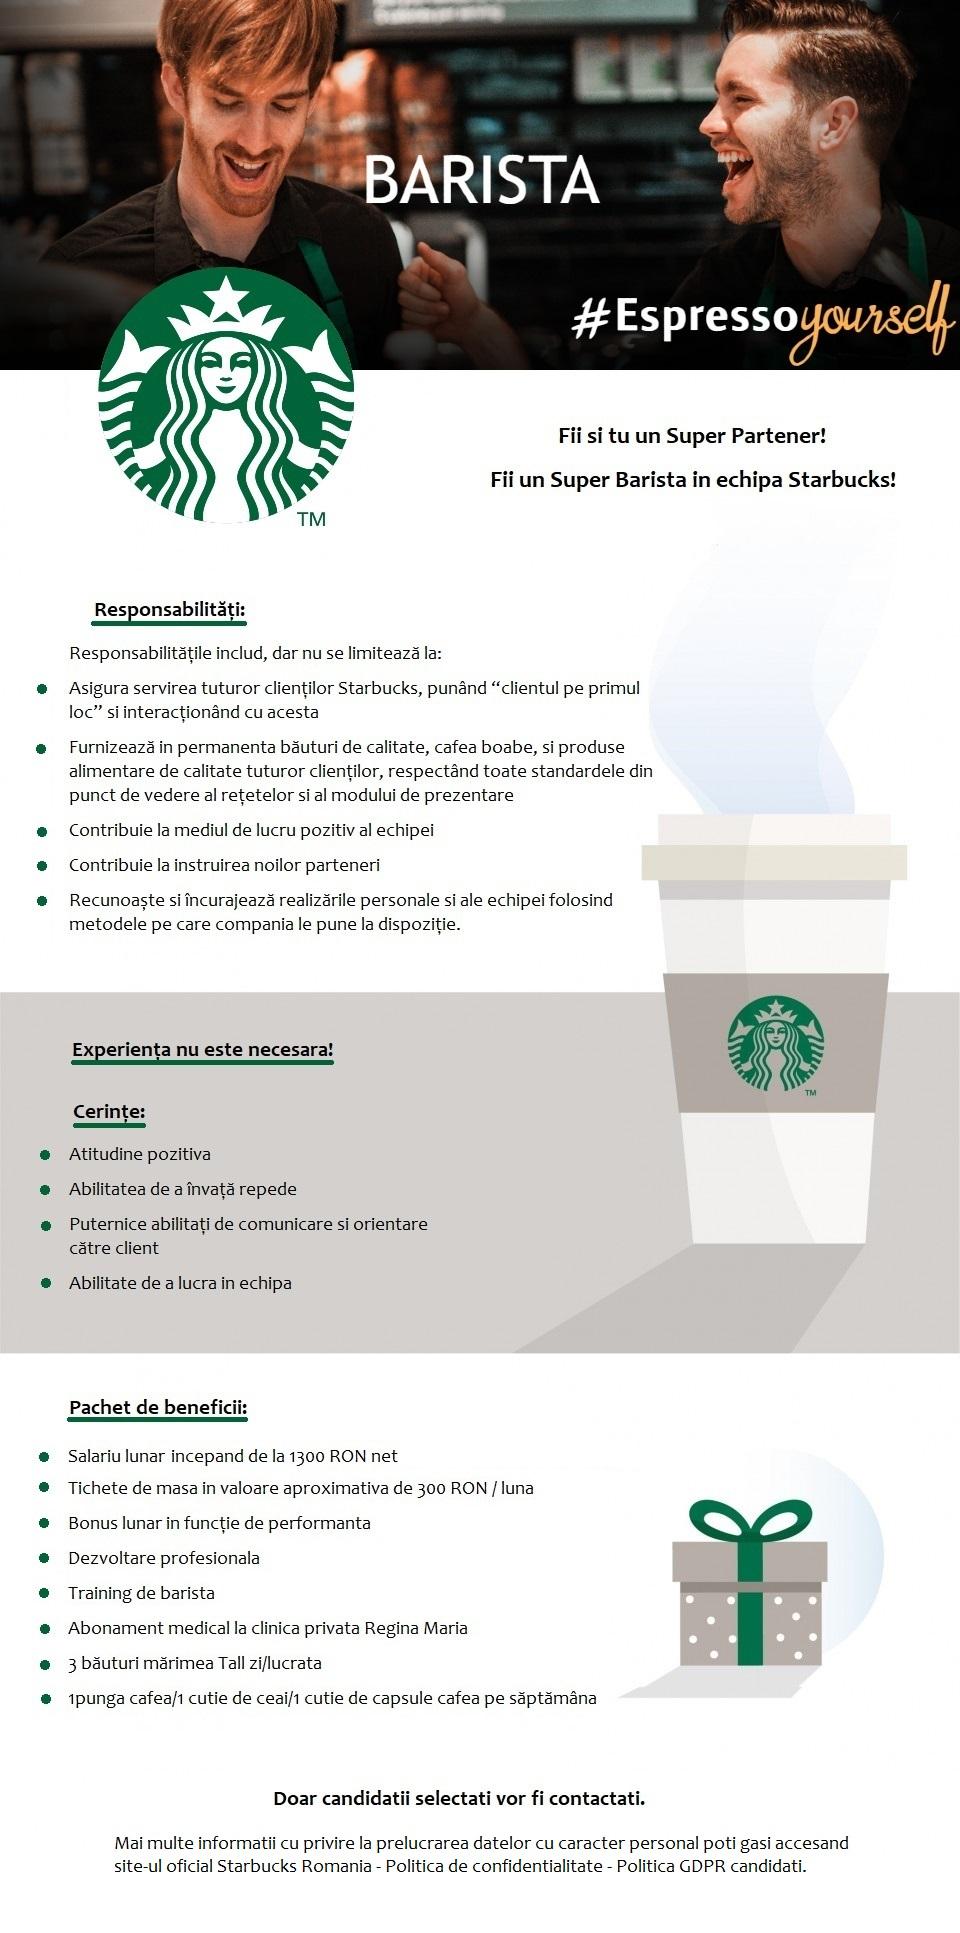 """Fii si tu un Super Partener! Fii un Super Barista in echipa Starbucks!  Experiența necesara: - Experiența nu este necesara.  Cerințe: - Atitudine pozitiva - Abilitatea de a învață repede - Puternice abilitați de comunicare si orientare către client - Abilitate de a lucra in echipa Responsabilități: Responsabilitățile includ, dar nu se limitează la: - Asigura servirea tuturor clienților Starbucks, punând """"clientul pe primul loc"""" si interacționând cu acesta - Furnizează in permanenta băuturi de calitate, cafea boabe, si produse alimentare de calitate tuturor clienților, respectând toate standardele din punct de vedere al rețetelor si al modului de prezentare - Contribuie la mediul de lucru pozitiv al echipei - Contribuie la instruirea noilor parteneri - Recunoaște si încurajează realizările personale si ale echipei folosind metodele pe care compania le pune la dispoziție.  Pachet de beneficii: -Salariu lunar de 2200 RON brut in primele 6 luni si 2400 RON brut după primele 6 luni -Tichete de masa in valoare aproximativa de 300 RON / luna -Bonus lunar in funcție de performanta -Dezvoltare profesionala -Training de barista -Abonament medical la clinica privata Regina Maria -3 băuturi mărimea Tall zi/lucrata -1punga cafea/1 cutie de ceai/1 cutie de capsule cafea pe săptămâna -Discount pentru produsele Starbucks  Doar candidatii selectati vor fi contactati. AmRest Holdings SE este cel mai mare operator independent de restaurante și cafenele din Europa Centrală și de Est. Încă din 1993 am construit un portofoliu de branduri puternice pe care le operam, printre care KFC, Pizza Hut, Burger King și Starbucks. AmRest deține un lanț propriu de restaurante – La Tagliatella, și este prezent ca și operator în țări ca Spania, Germania, Franța, Cehia, Slovacia, Romania, Bulgaria, Serbia, SUA și China. Sediul AmRest este localizat în Wroclaw, Polonia. Povestea AmRest a început acum mai bine de 25 de ani cu un vis, vis care a dovedit, prin energia pozitiva a fondatorilor, că """"Totul e p"""